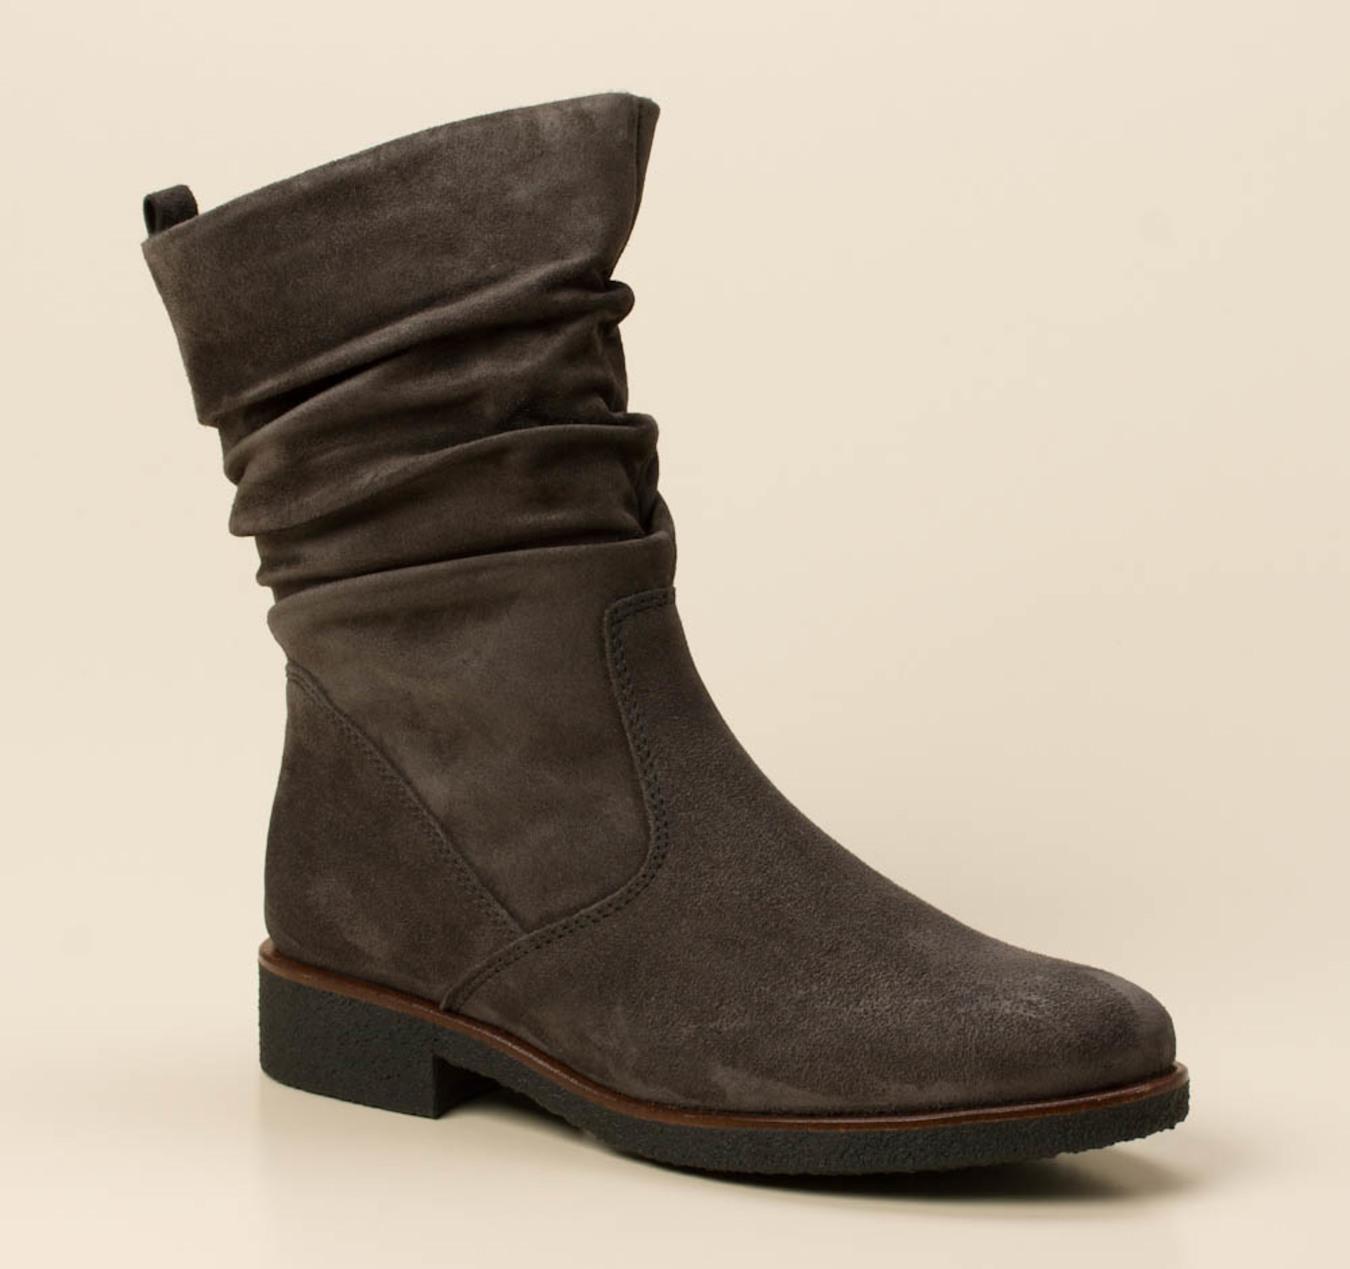 Mit diesem stylischen Stiefel aus braunem, weichen